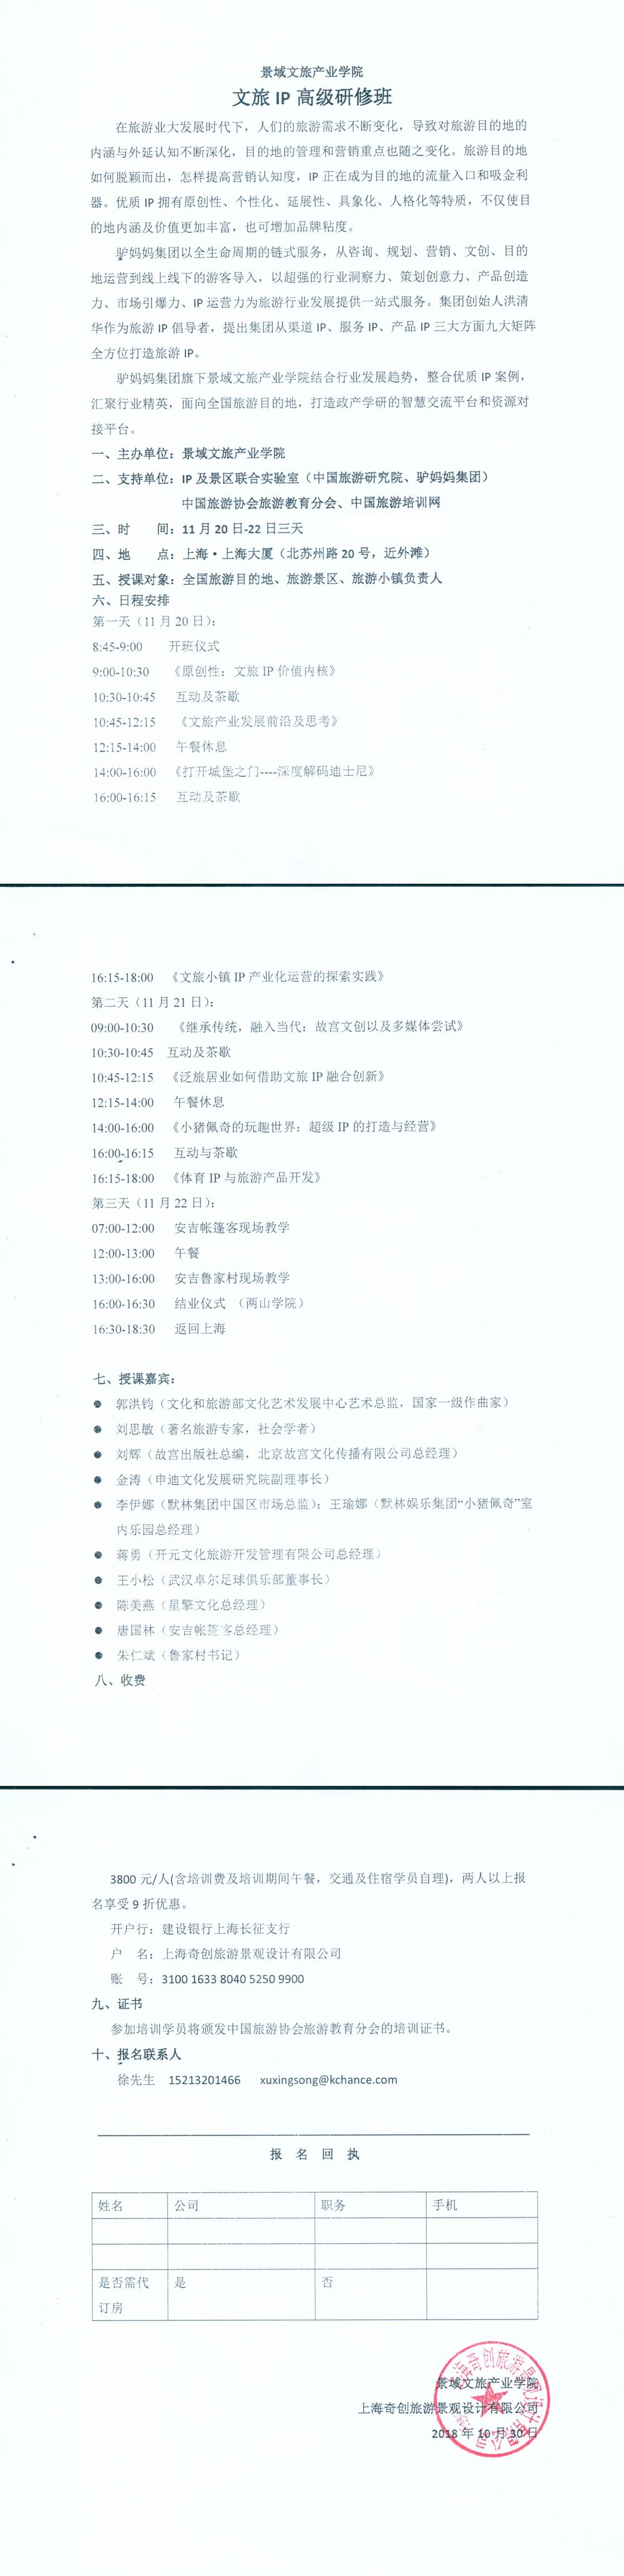 景域文旅产业学院 · 文旅IP高级研修班 .jpg